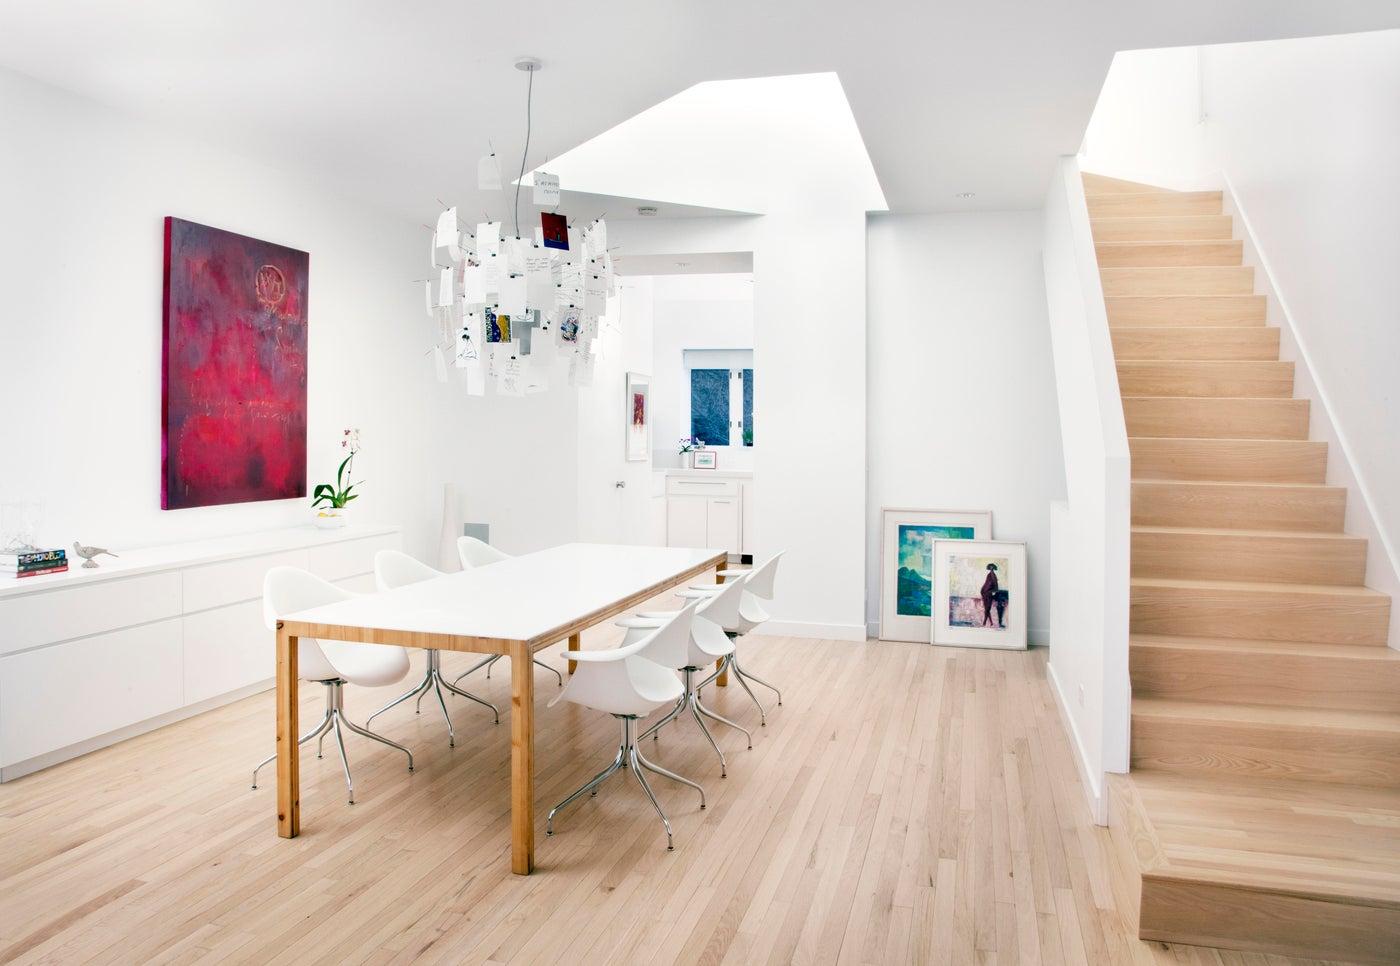 Skylight over DiningTable, Crisp White Walls, Oak Floors